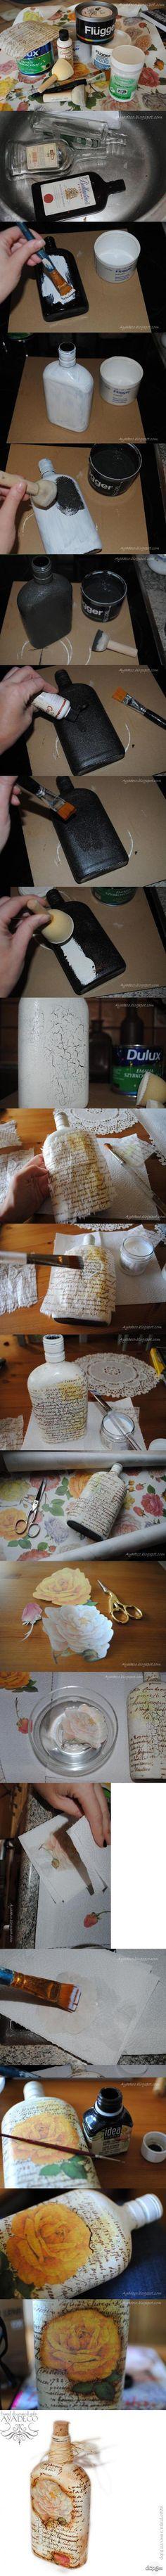 Botella decorada con servilletas y betun de judea